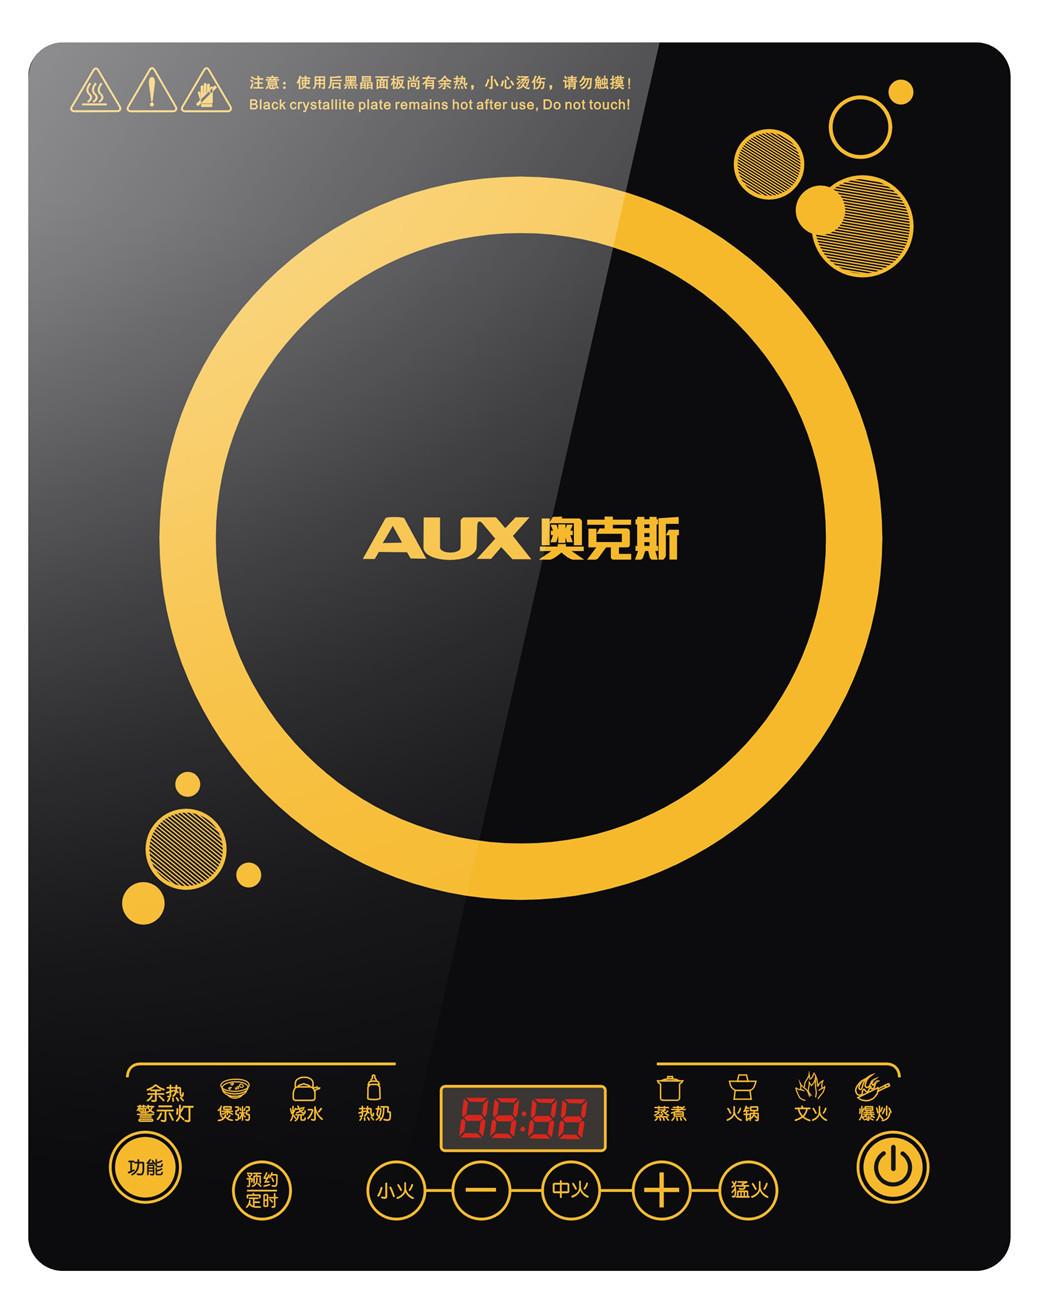 AUX/奥克斯 C2119G电磁炉怎么样,耗电吗